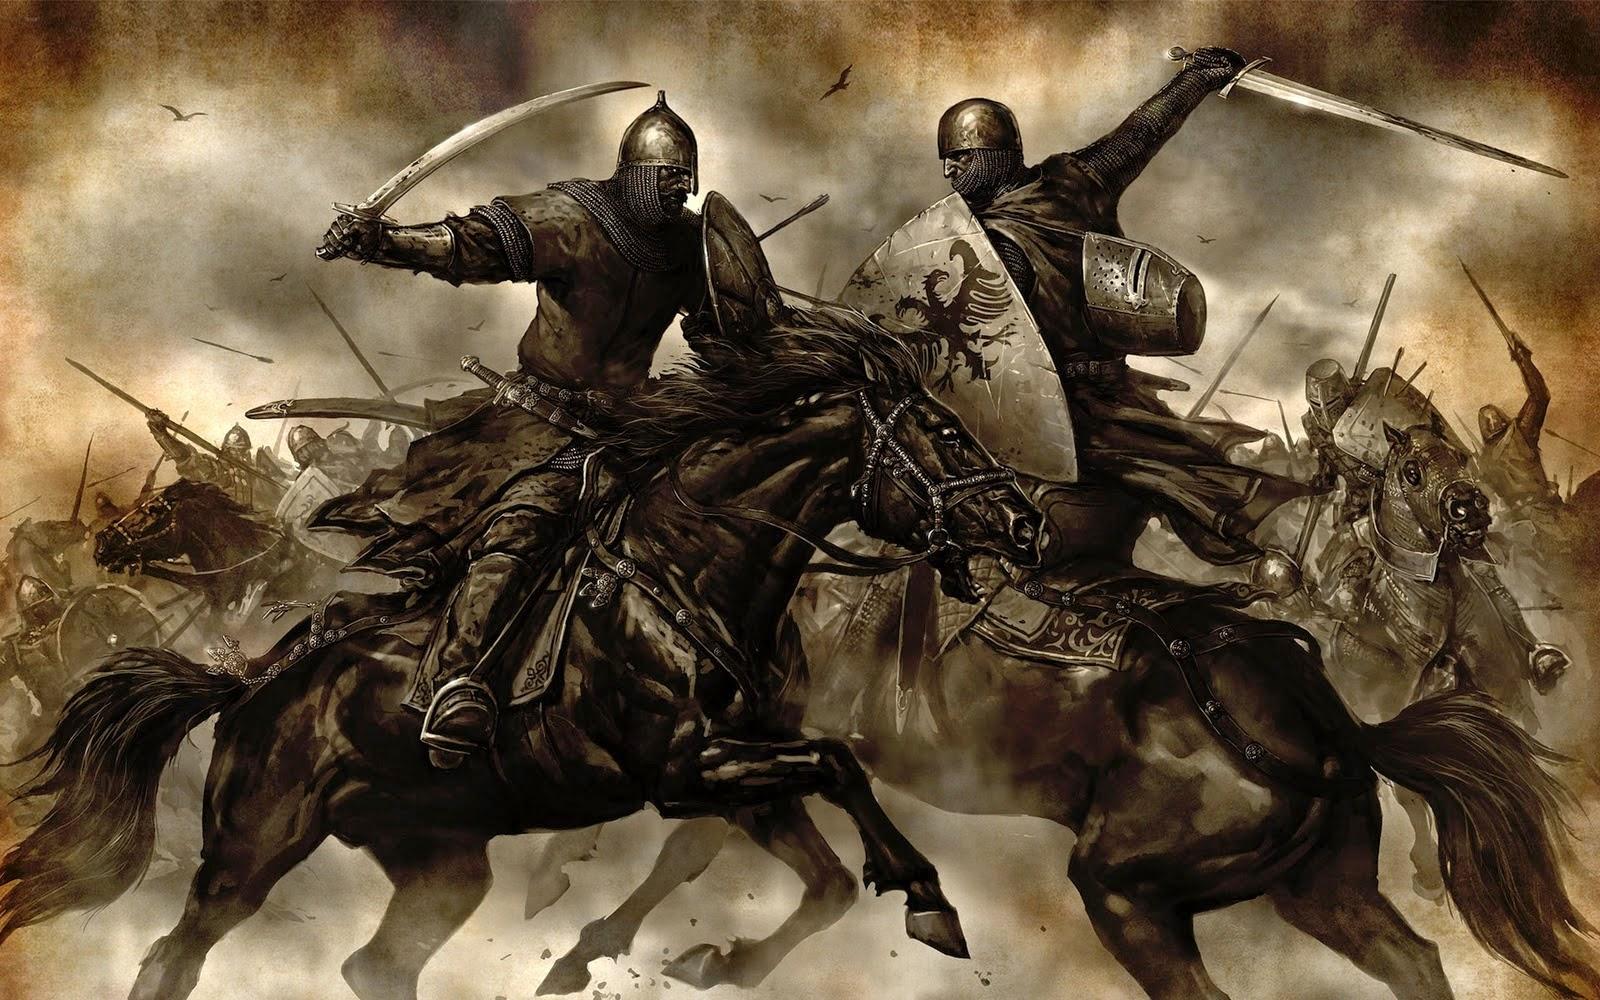 13116_1_other_wallpapers_battle_swords.jpg